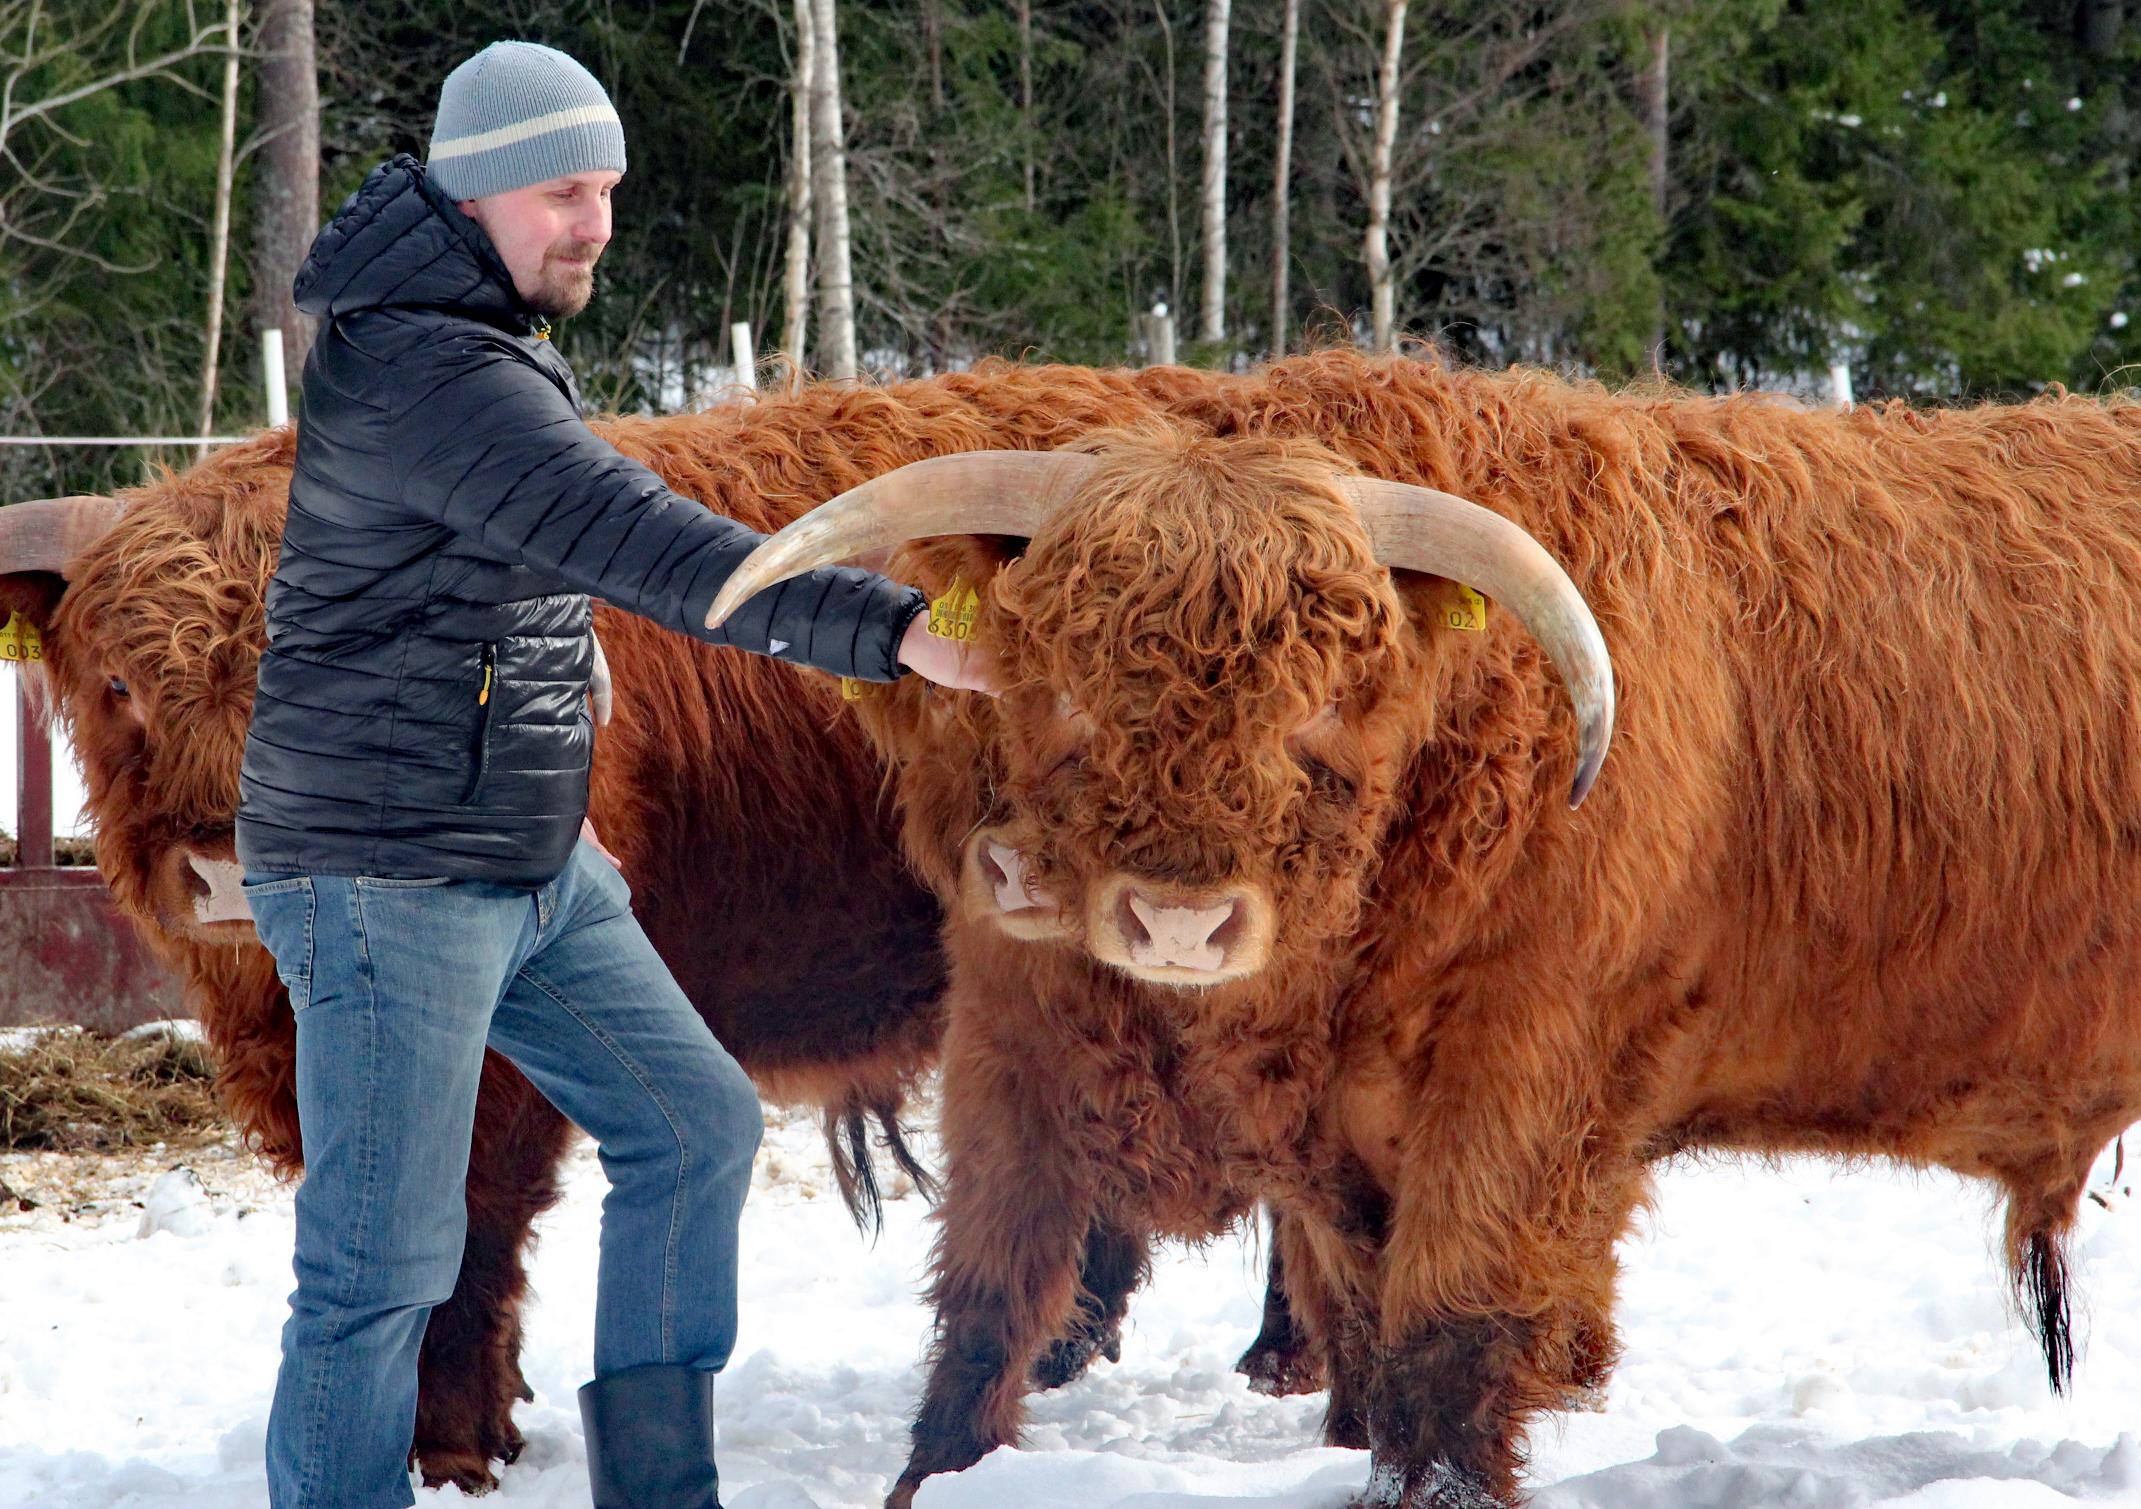 Honkaniemen tilan Marko Honkaniemi ja ylämaan karjaa